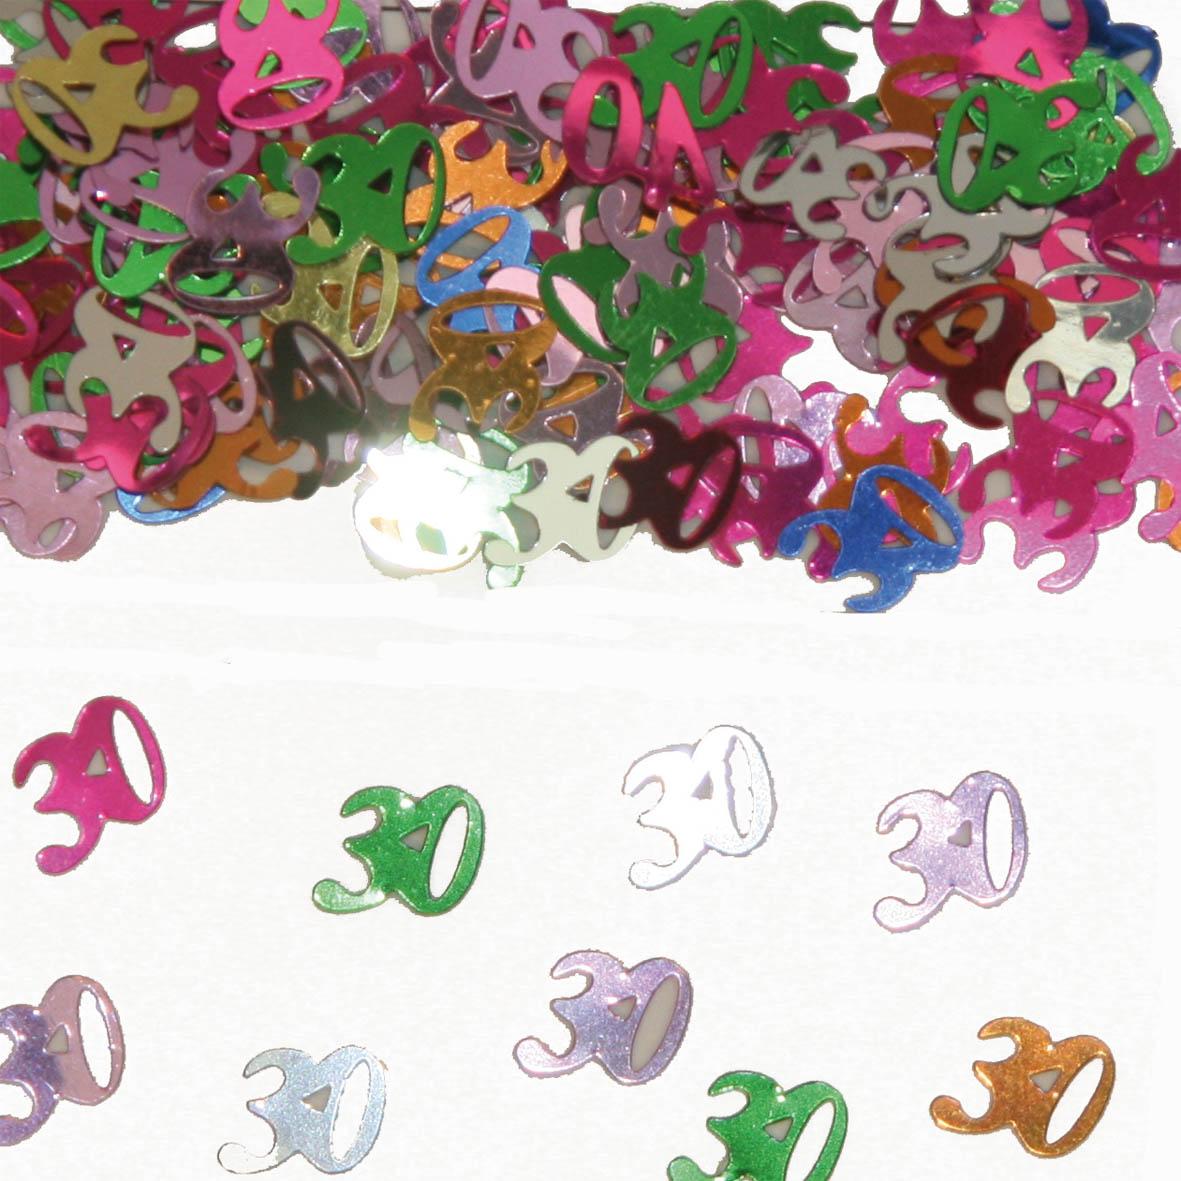 Sier-Confetti Multicolor 30 15gram